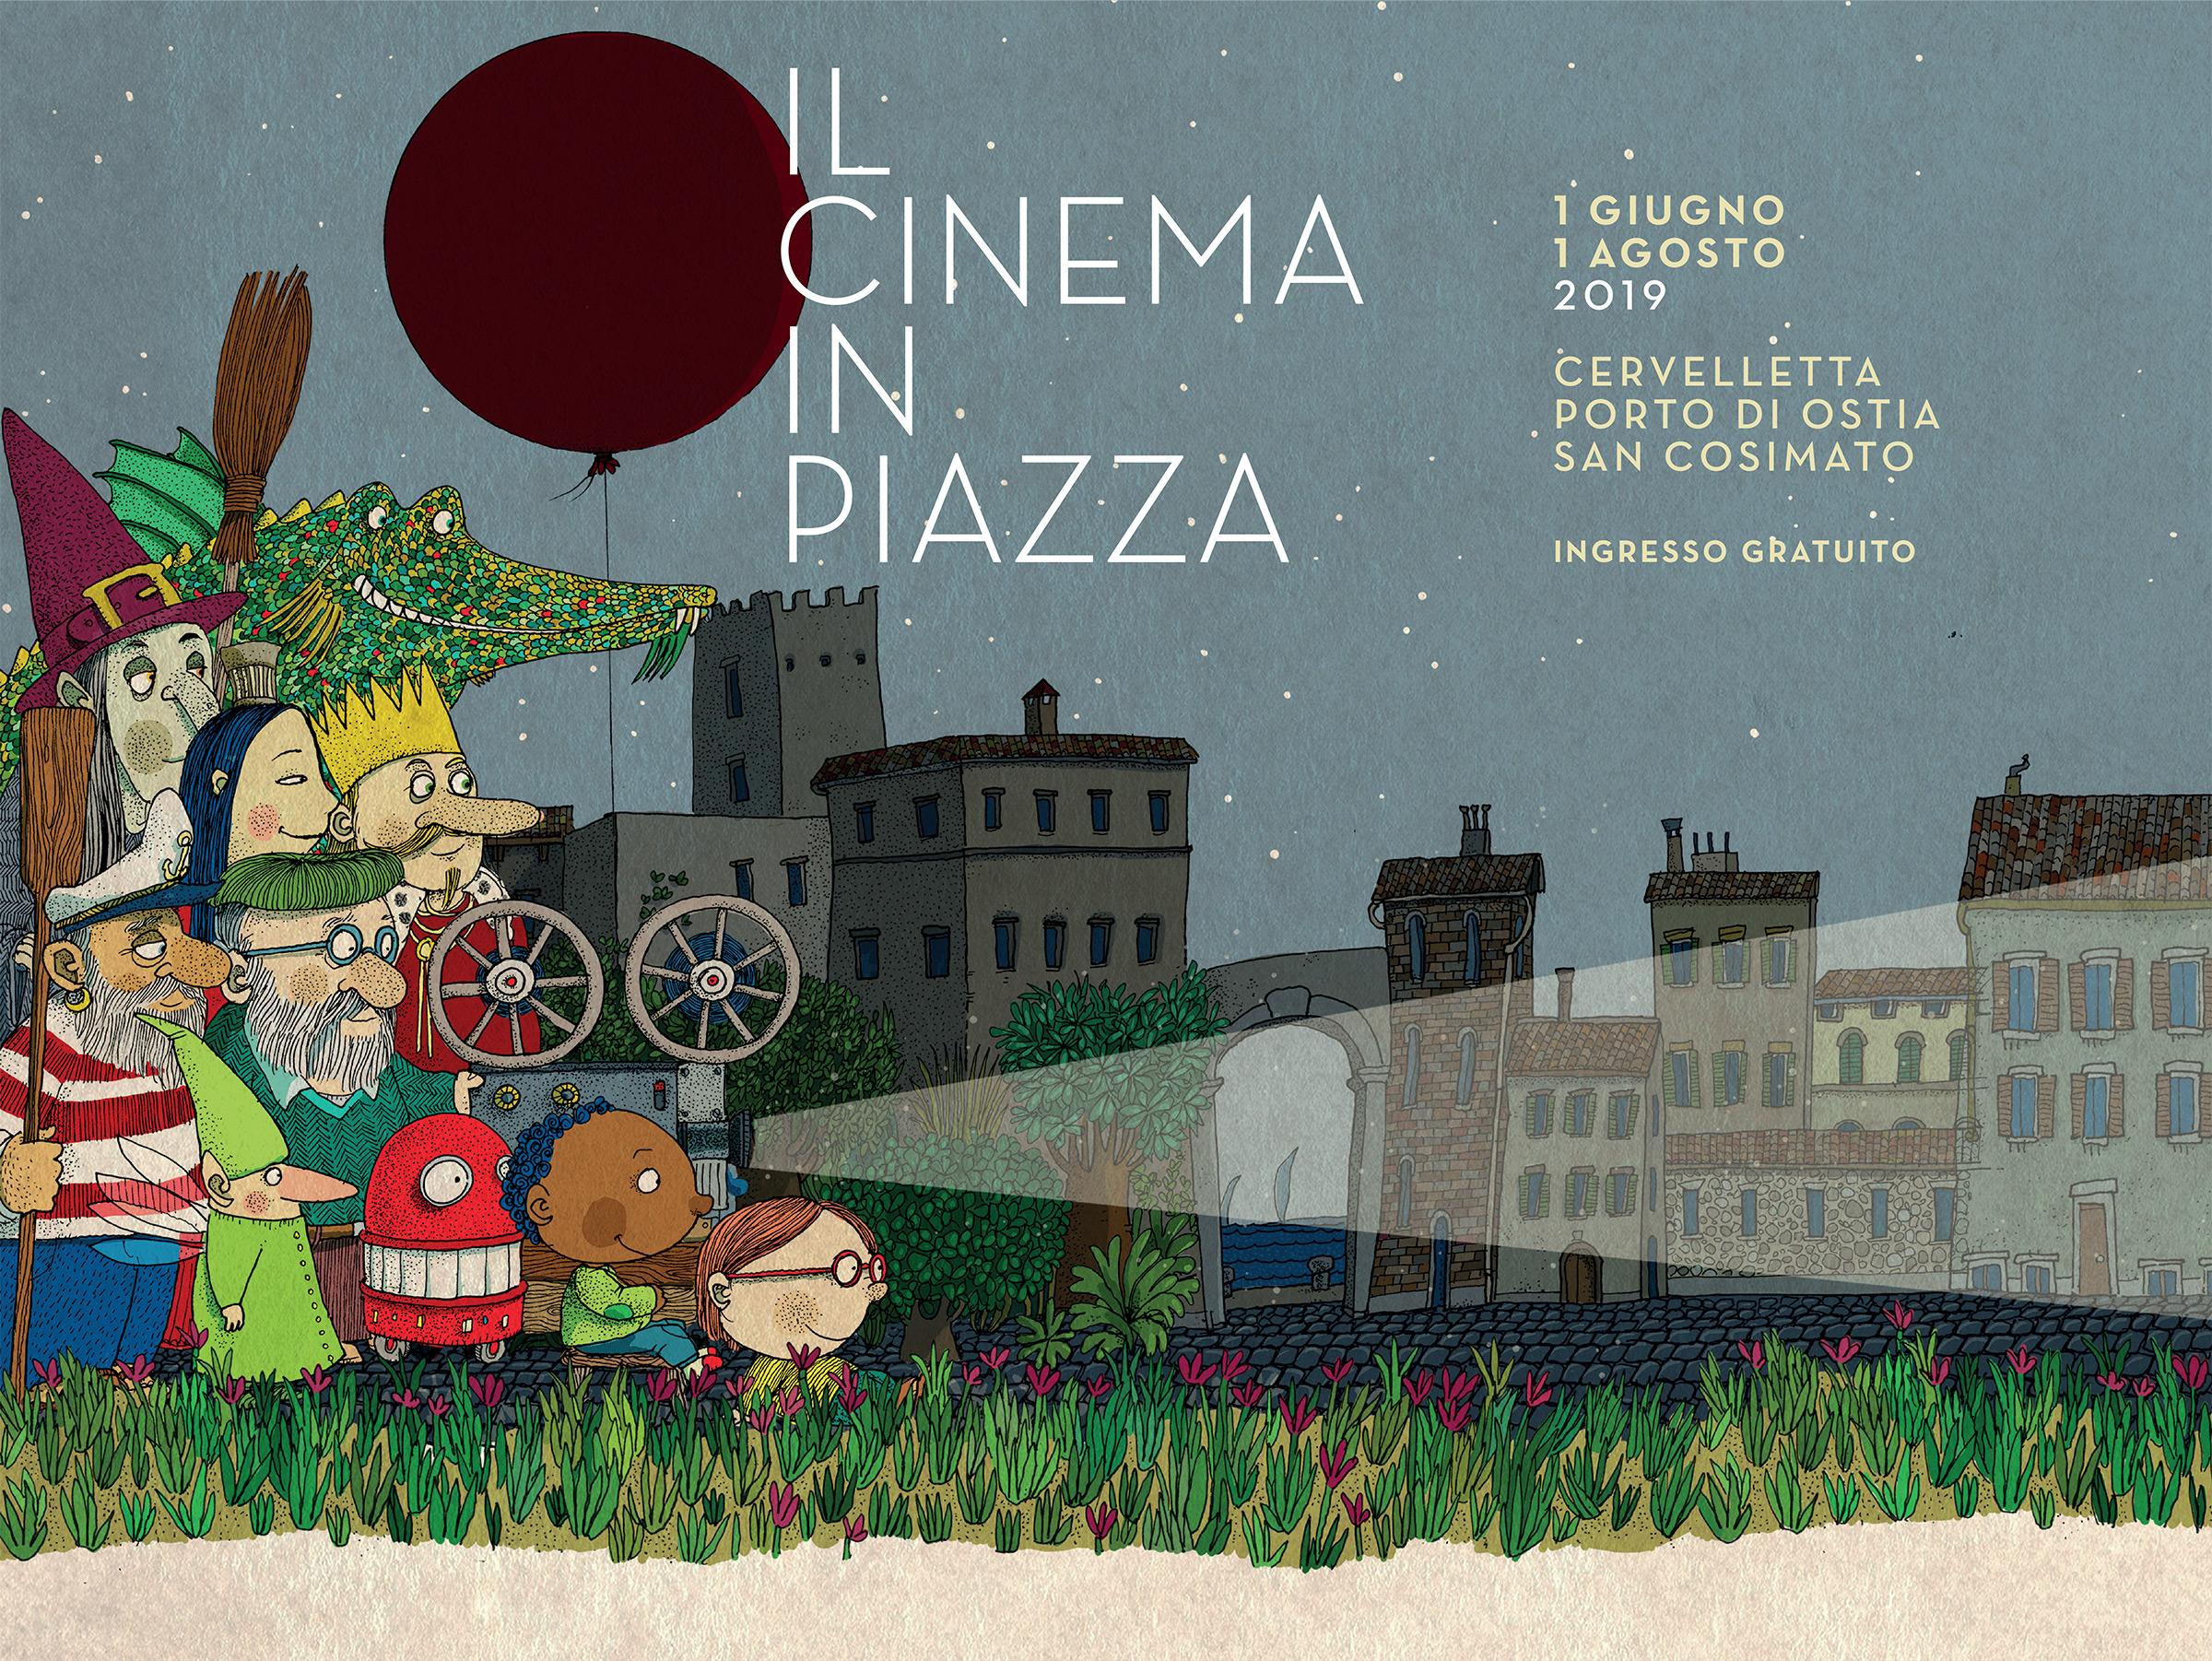 edd24990a5 Il Cinema in Piazza   Roma: arene di San Cosimato, Cervelletta e Ostia